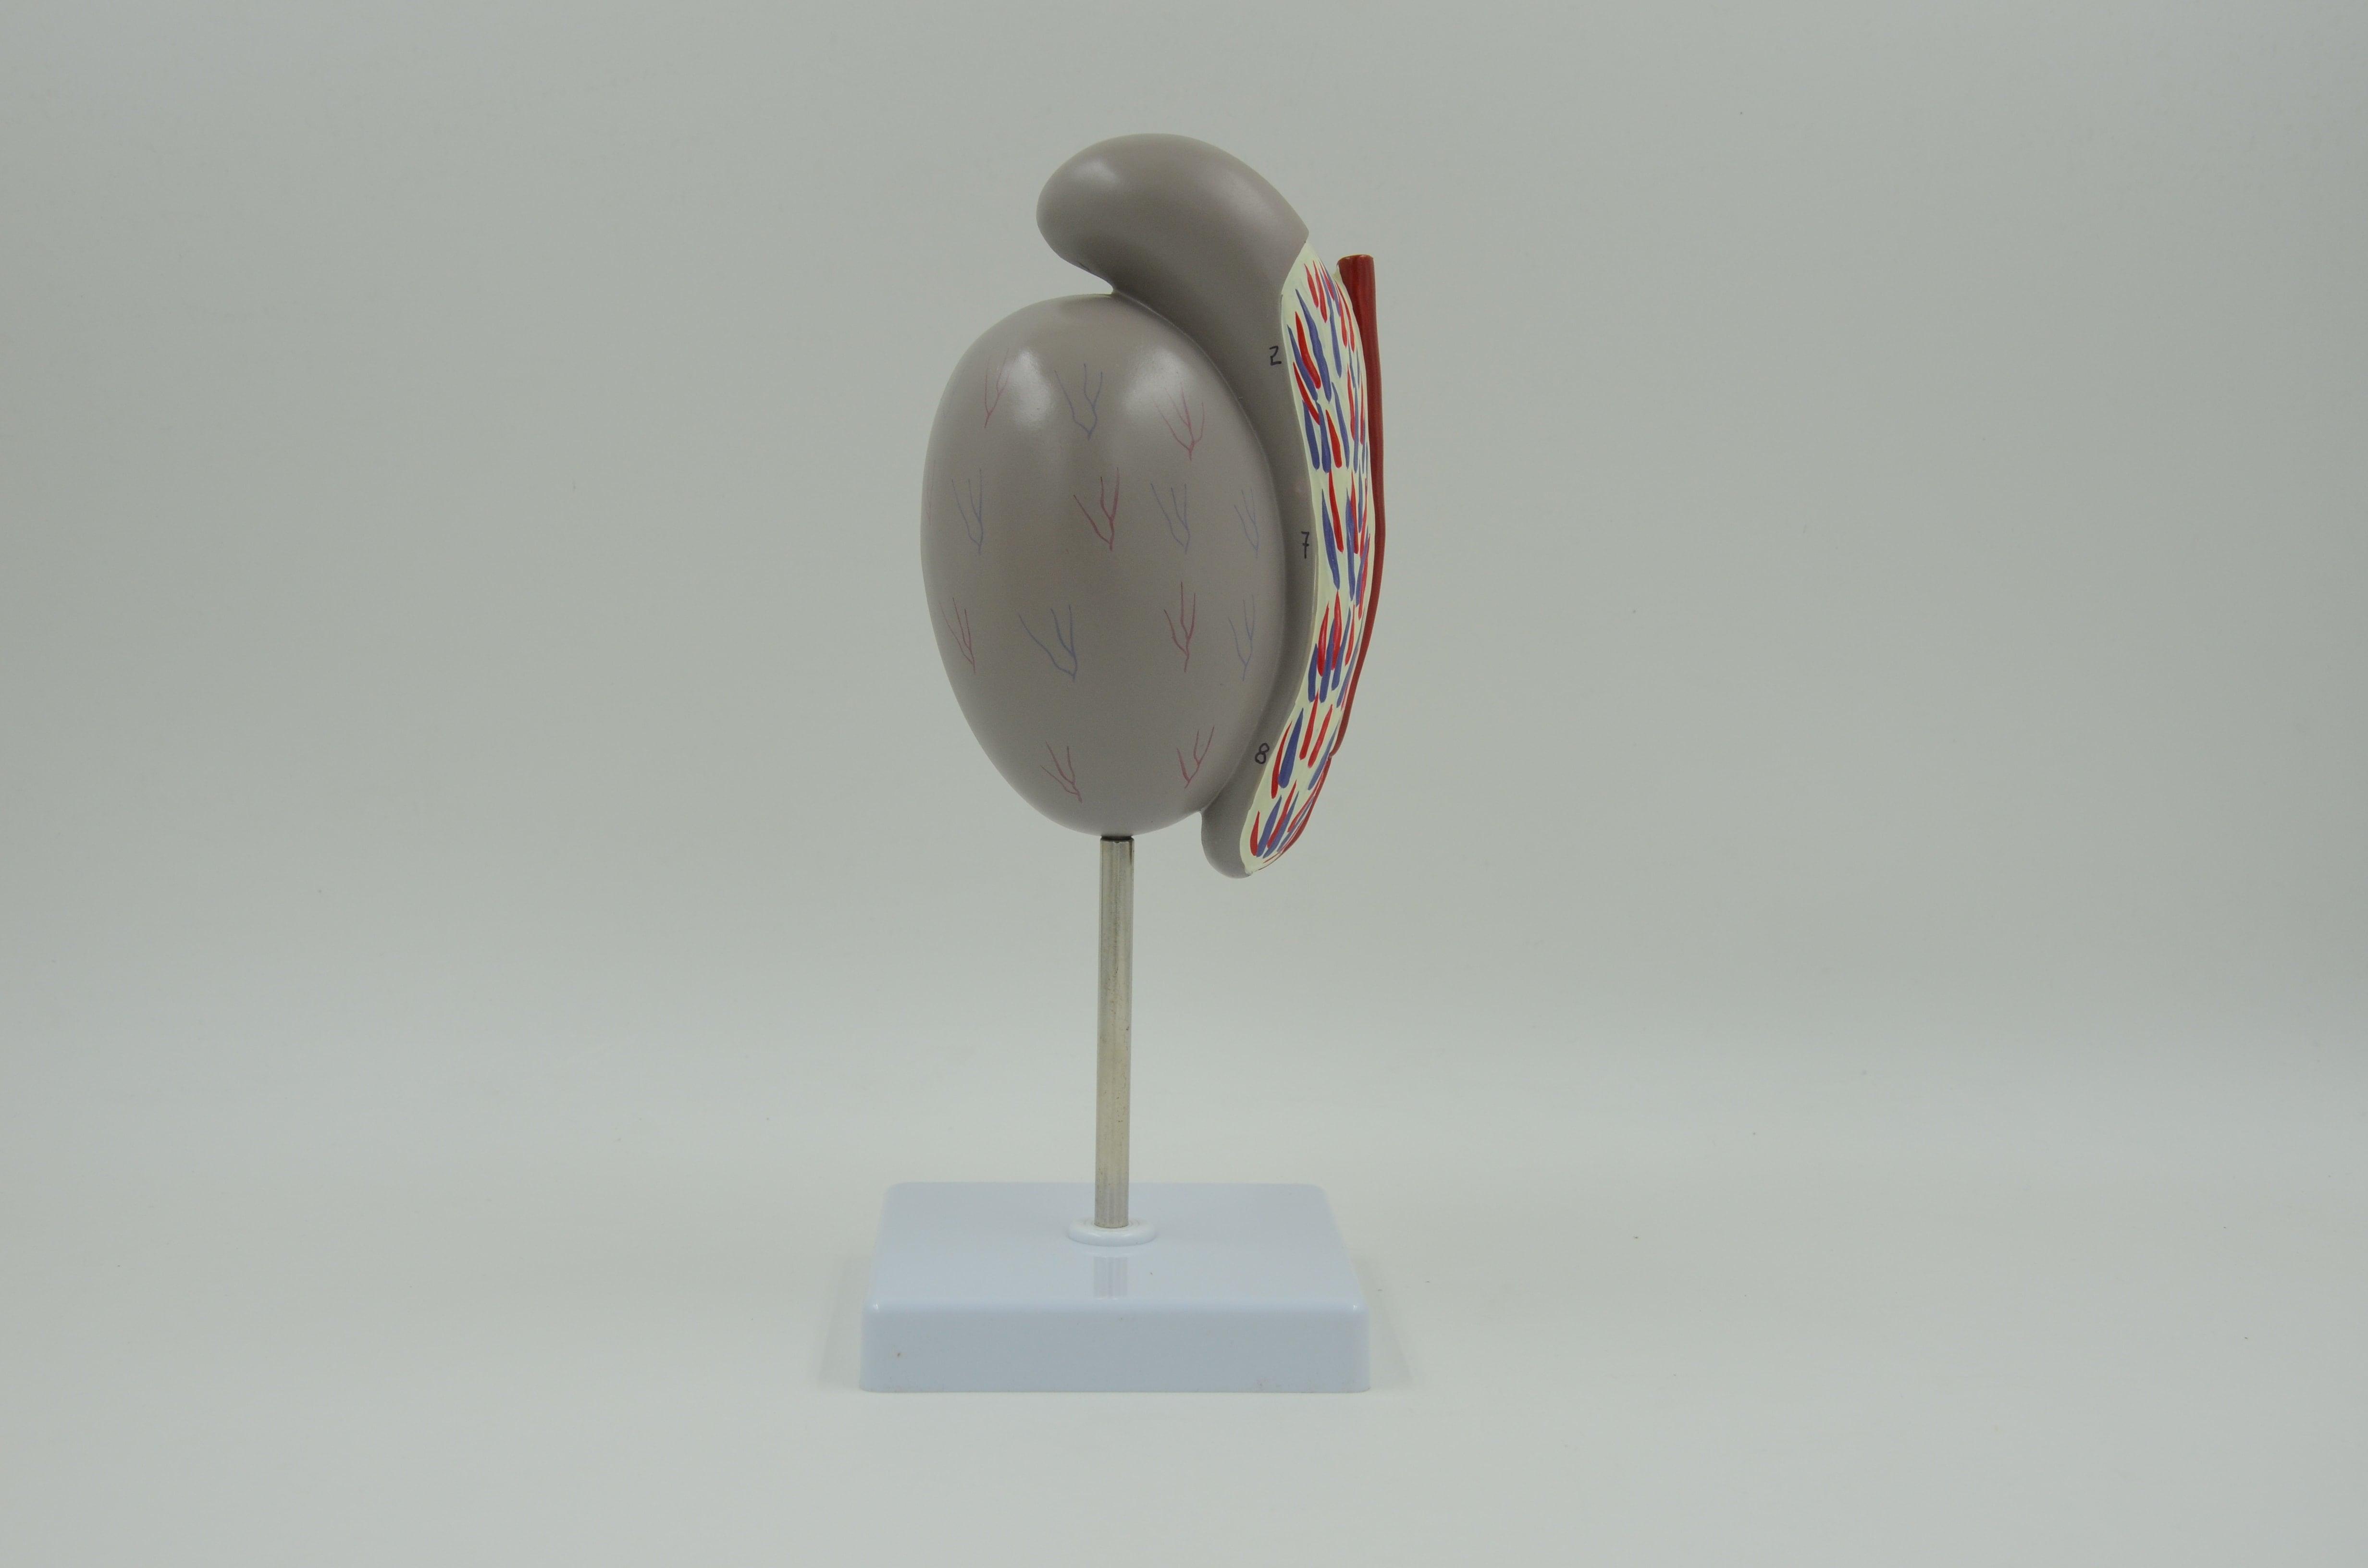 דגם אנטומי - אשכים